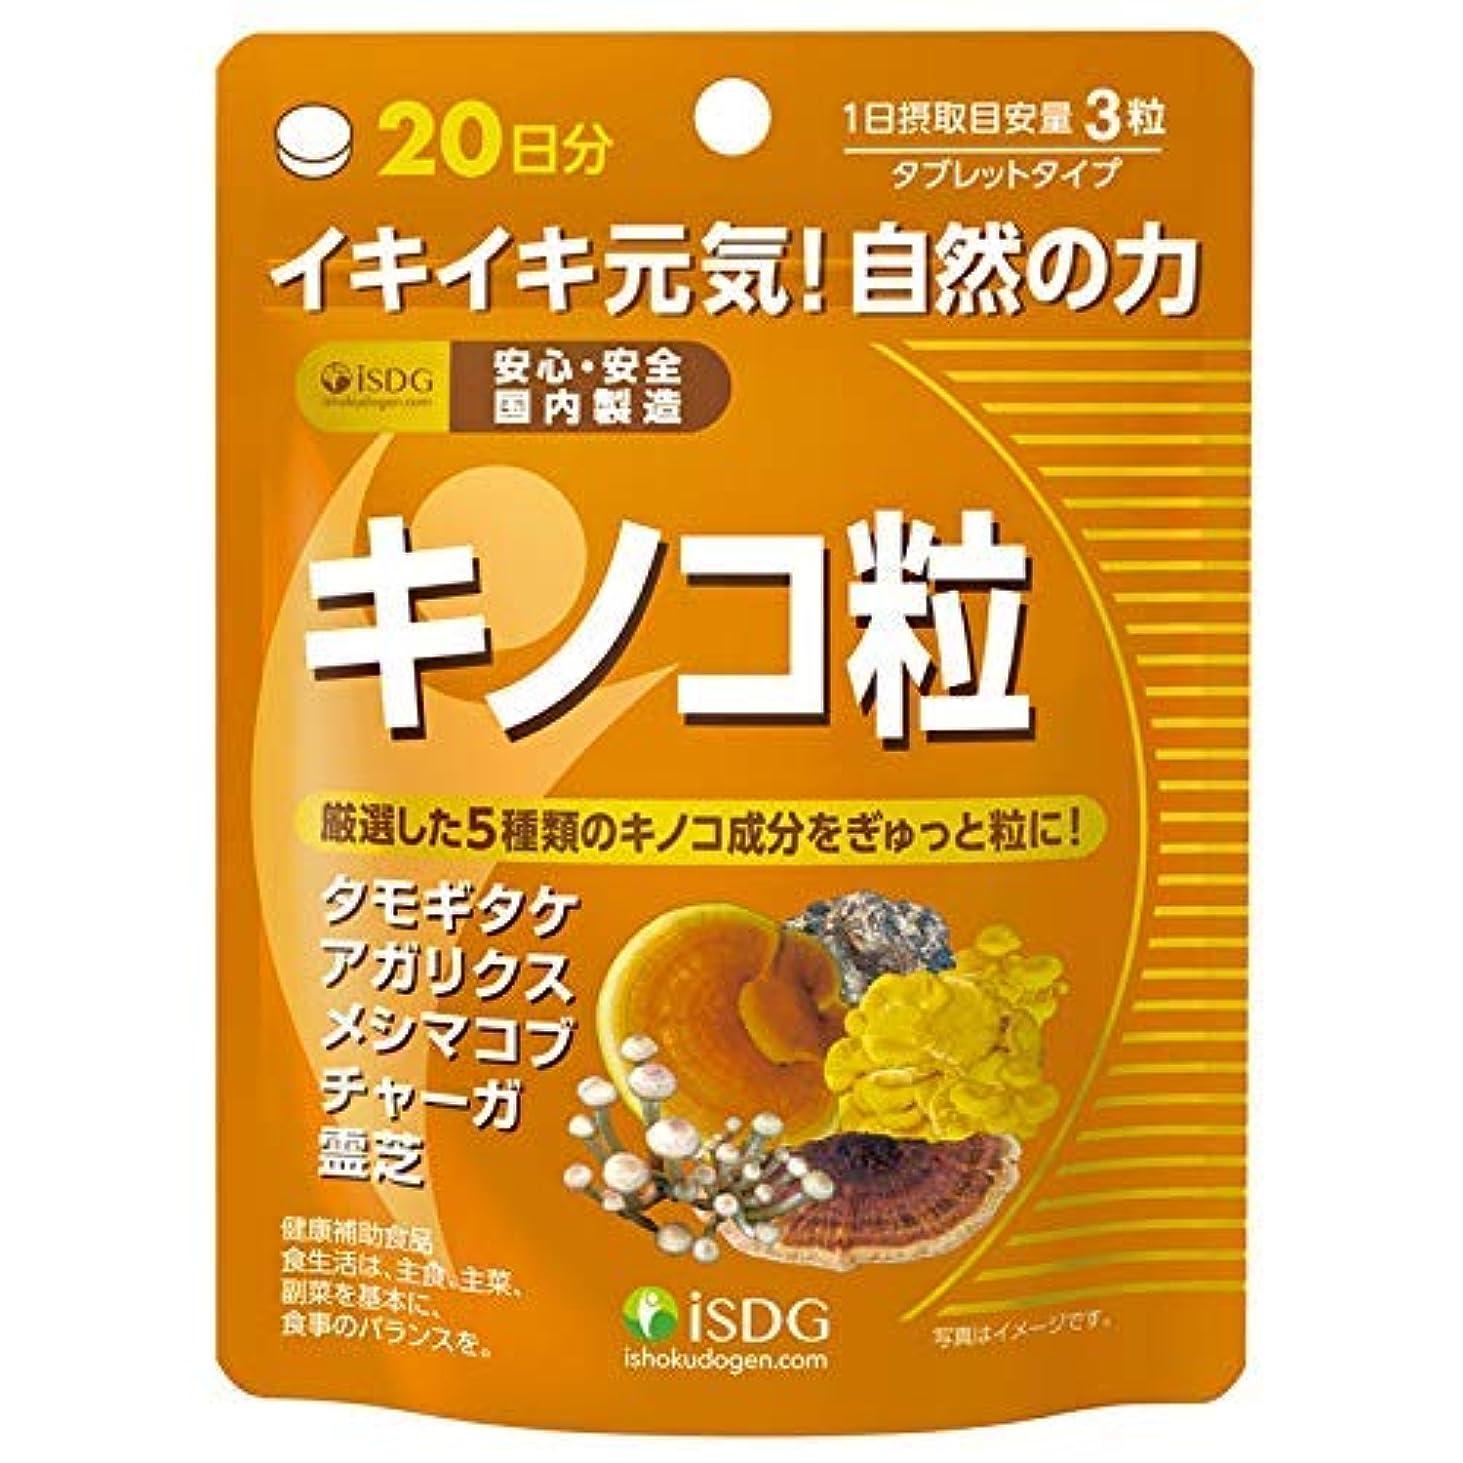 温かいダーツブリード医食同源ドットコム ISDG 医食同源 キノコ 60粒×5個セット